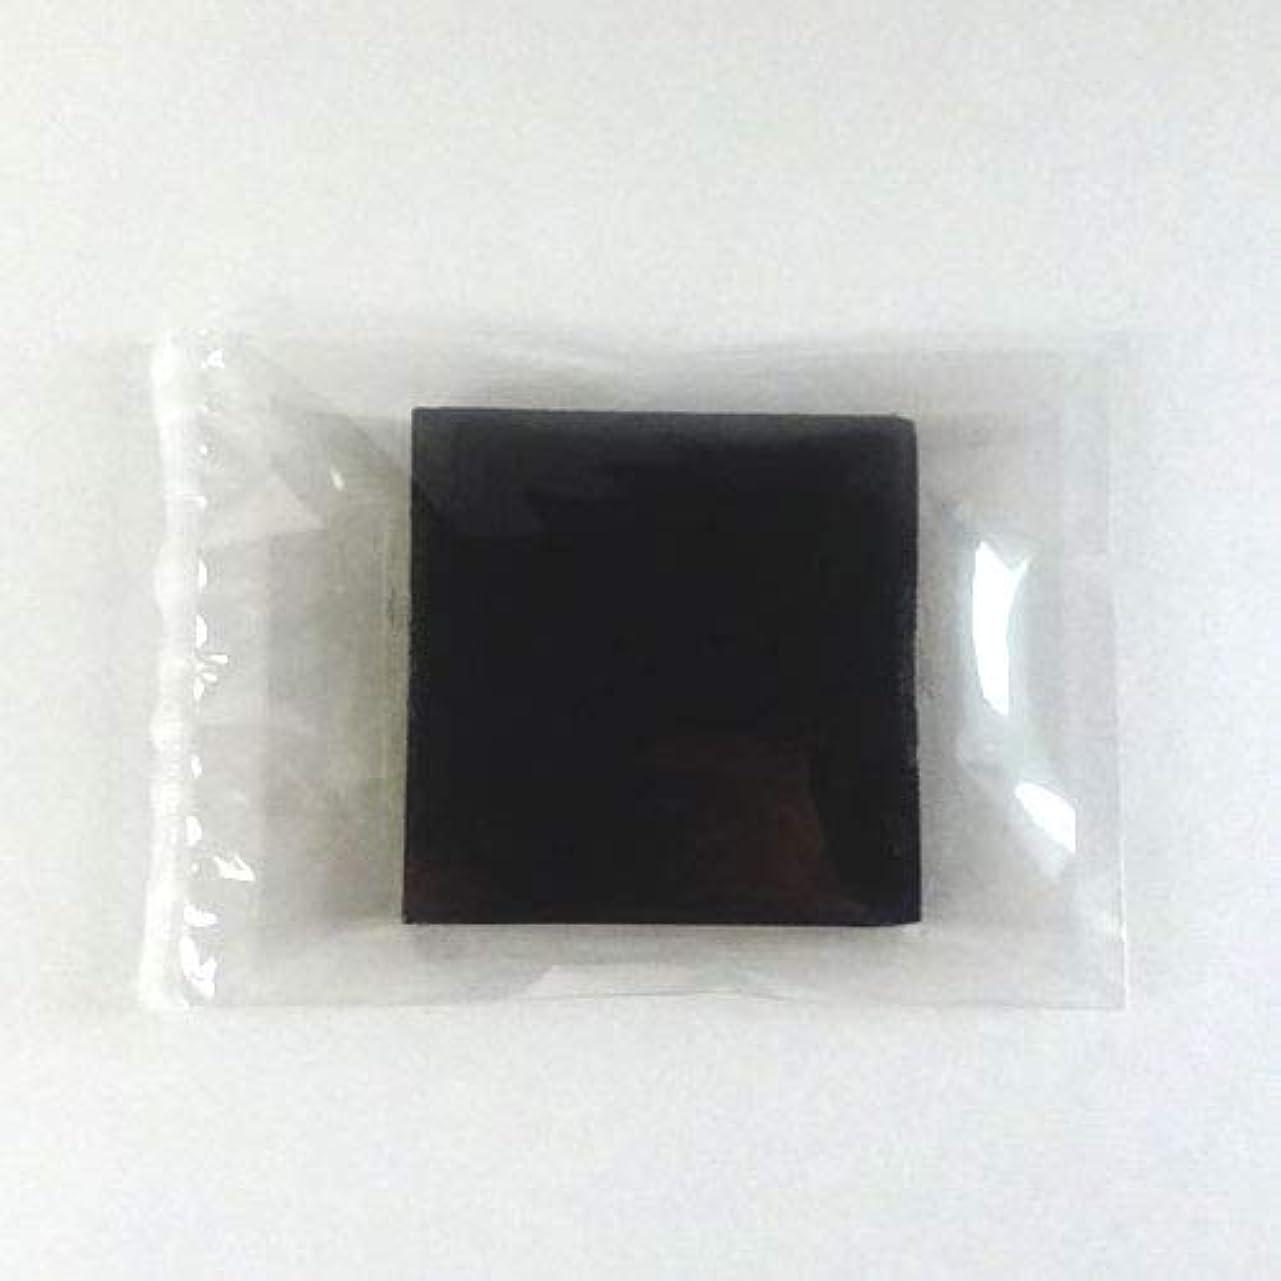 ハイジャック十分に公爵夫人グリセリンソープ MPソープ 色チップ 黒(ブラック) 120g(30g x 4pc)